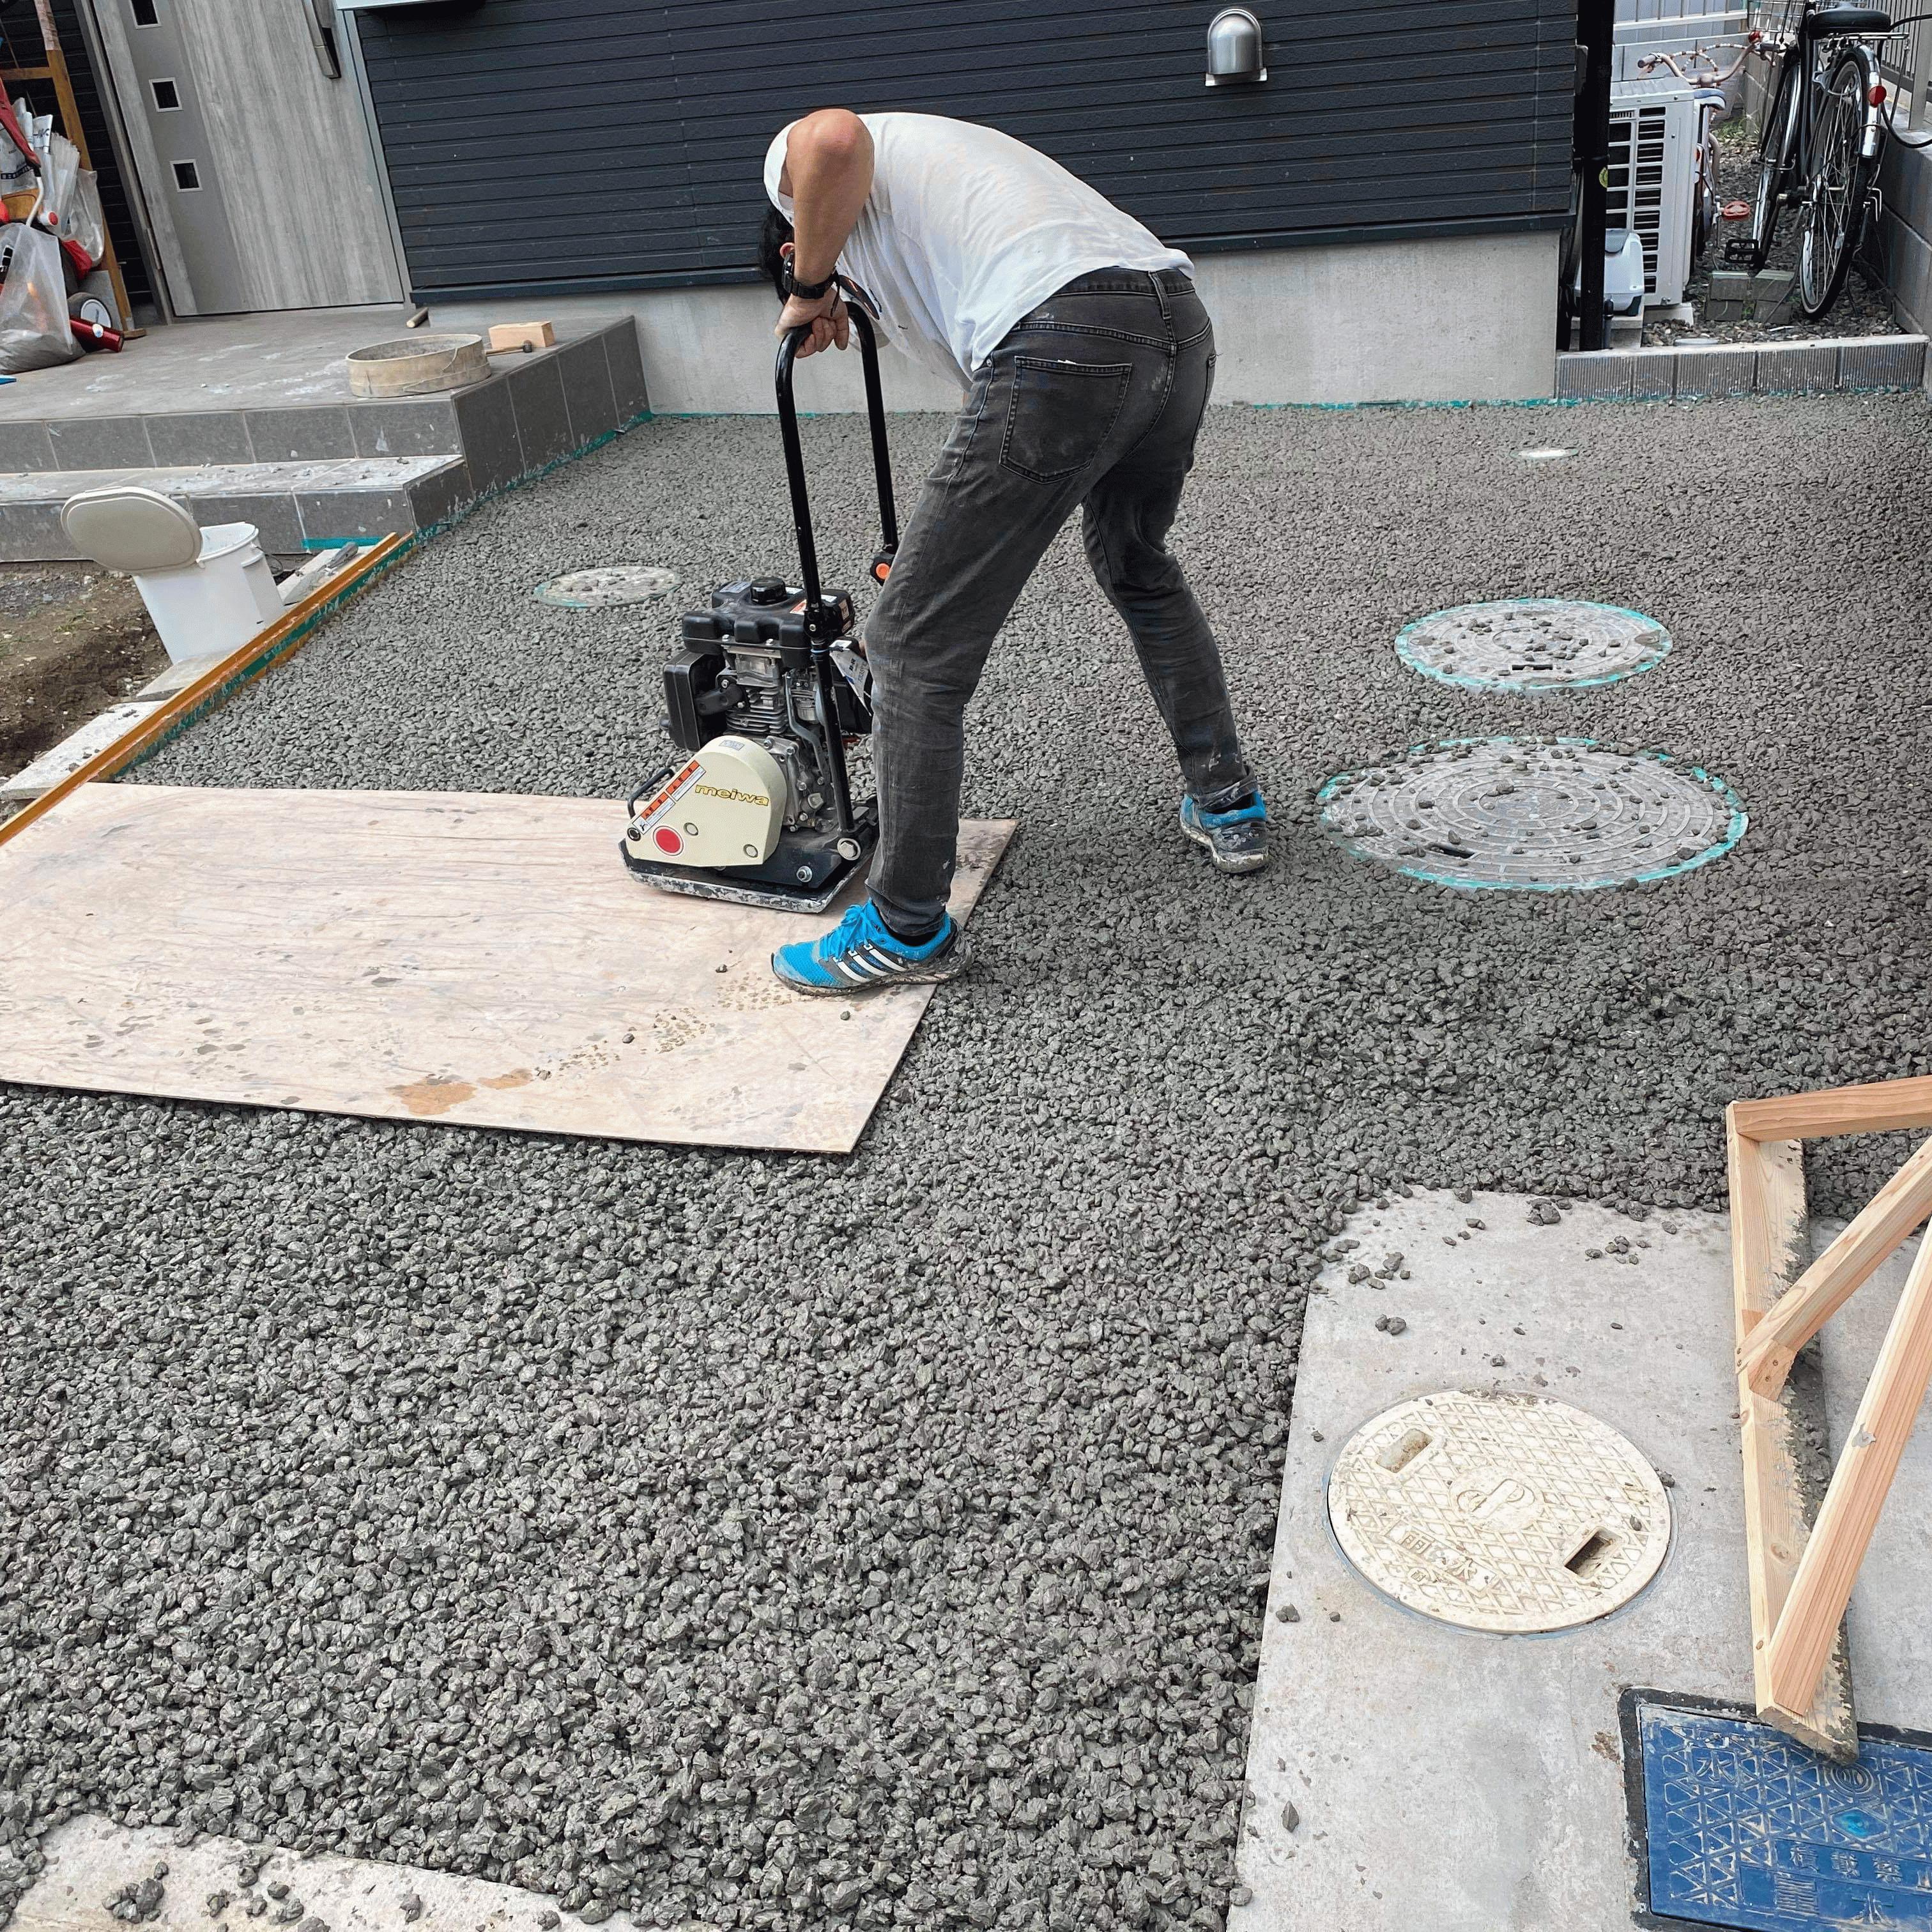 【千葉】「駐車場とアプローチを土間にしよう」「透水性コンクリートなら自分で施工できそう」ヤマカ建材工業